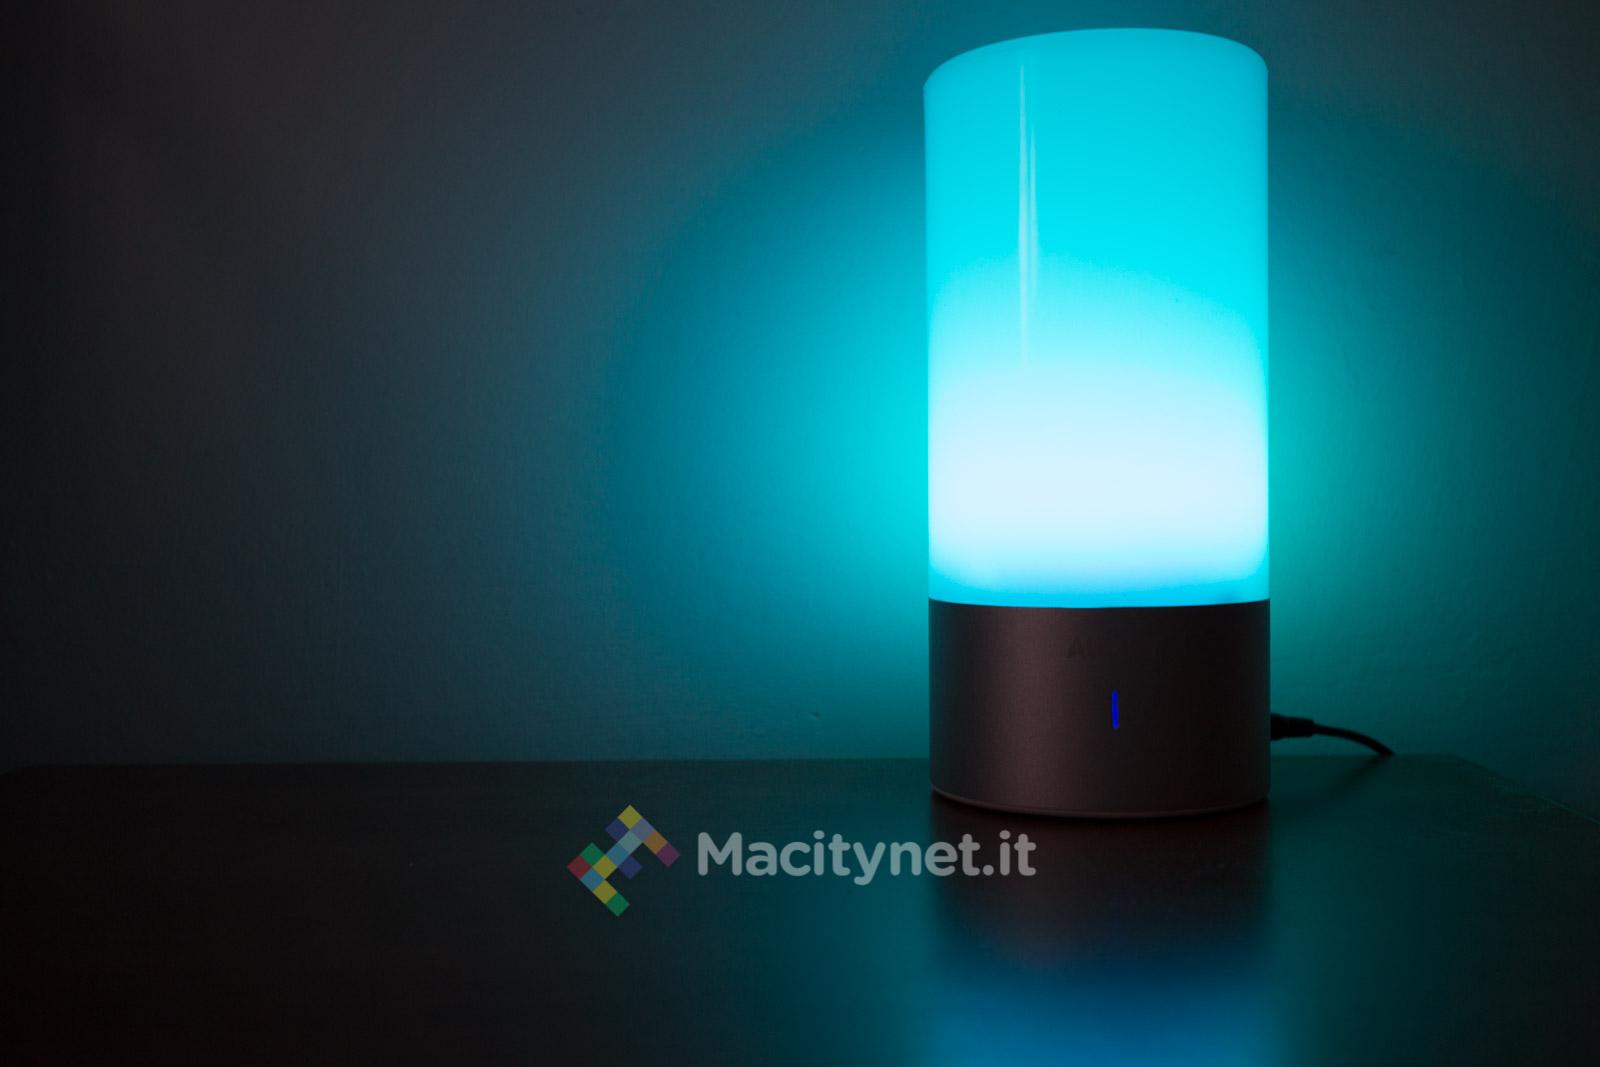 Aukey lt t6 lampada led multicolore per l 39 atmosfera for Costo lampada